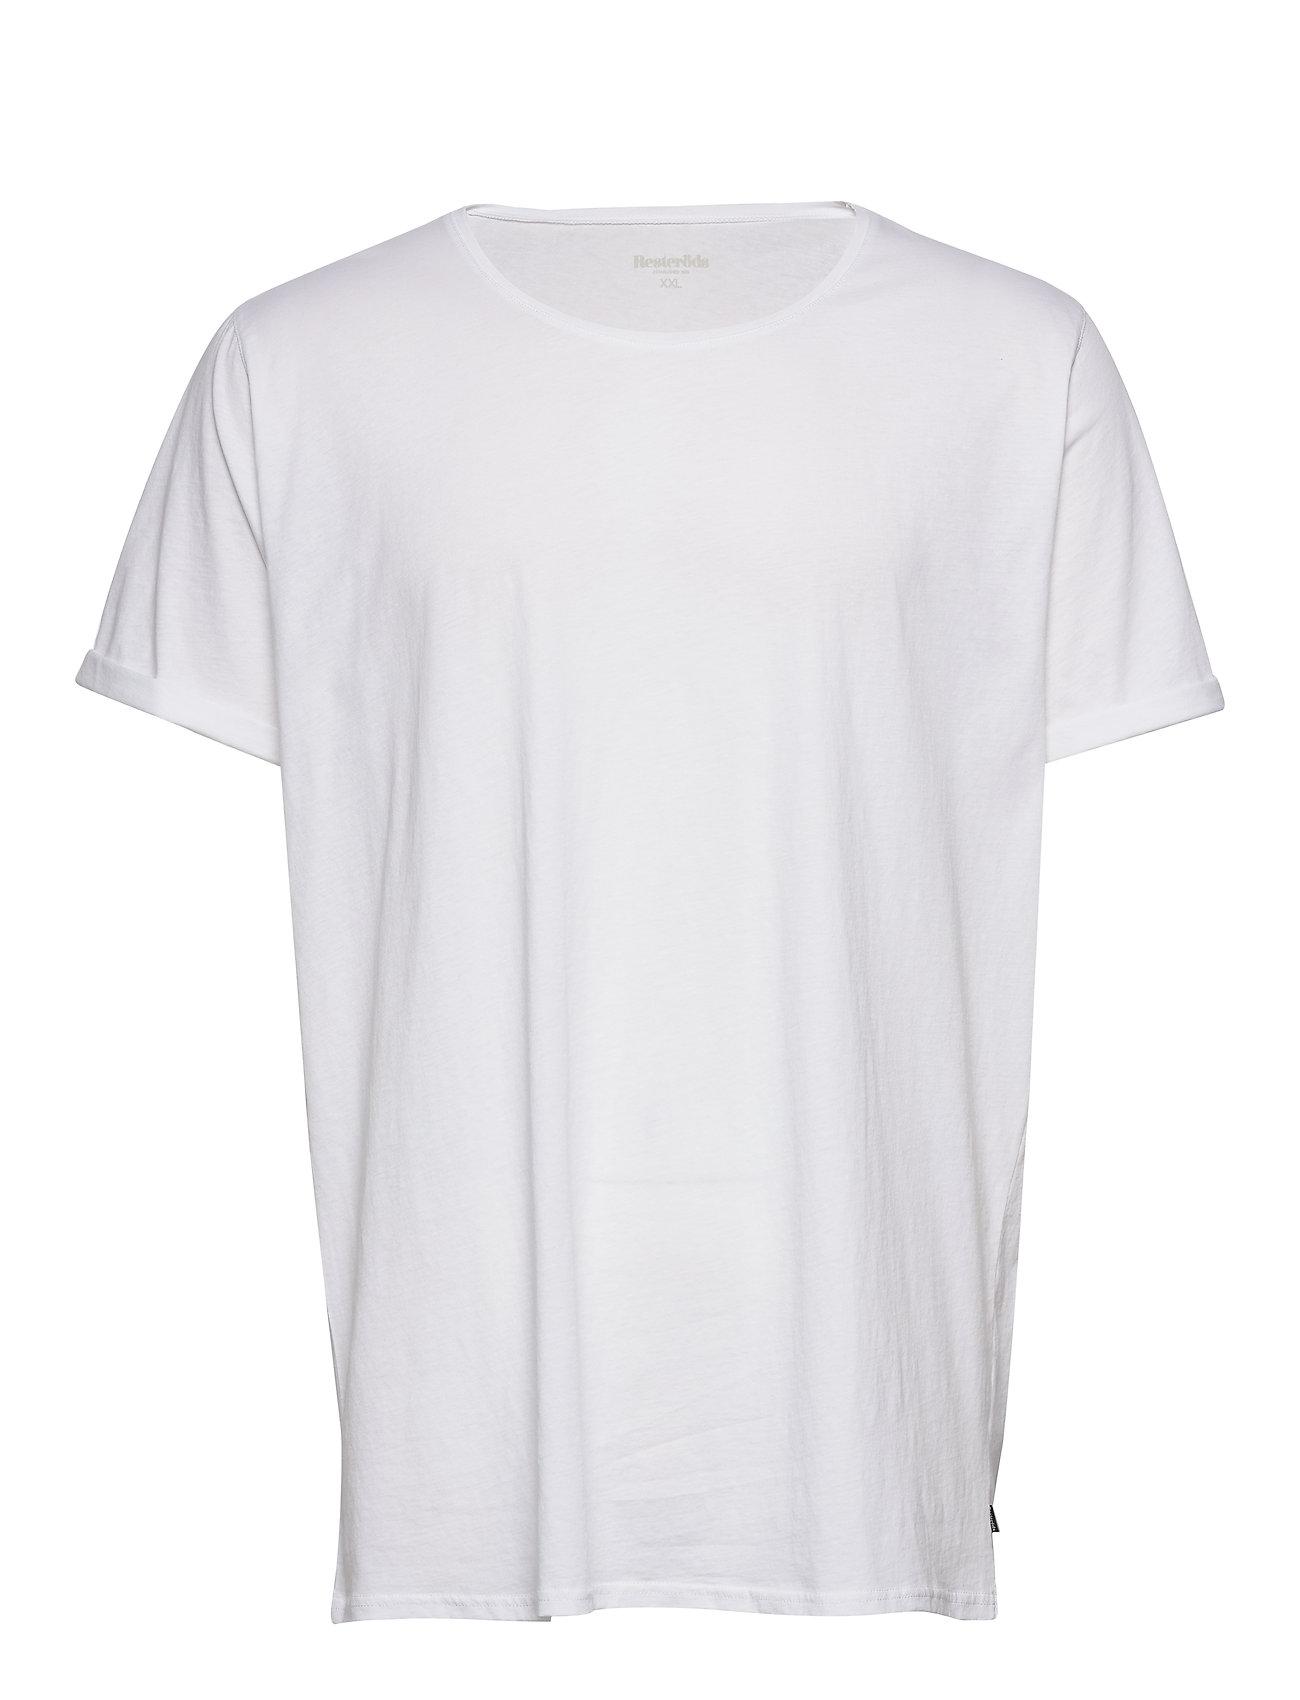 Image of Jimmy Solid T-shirt Hvid Resteröds (3378181273)